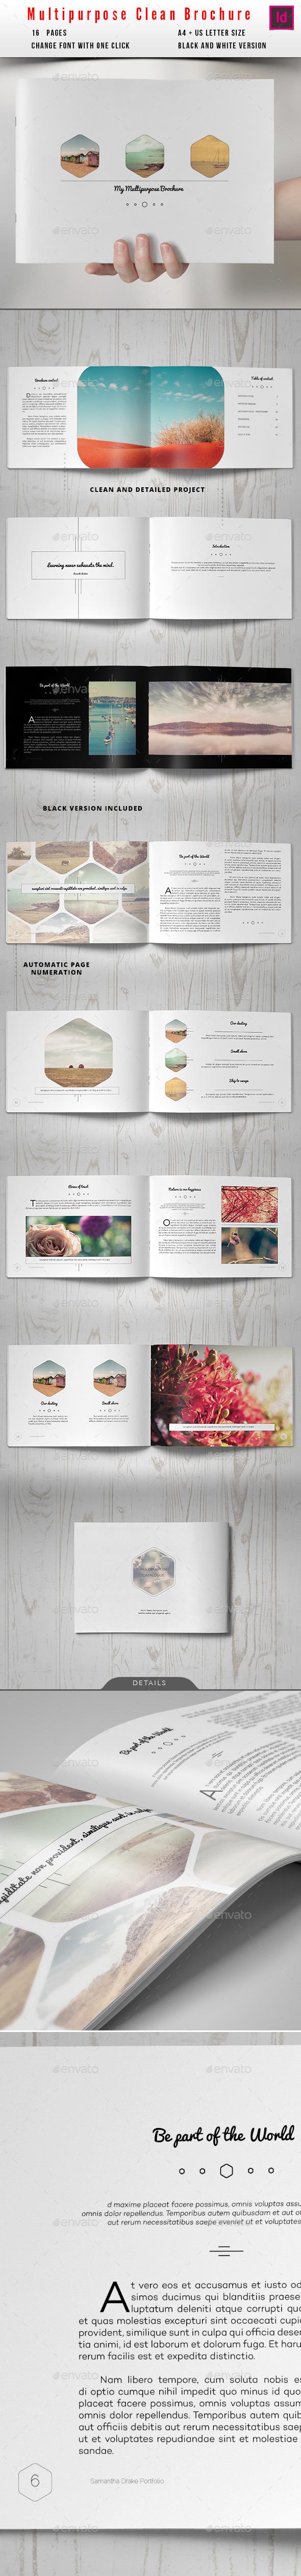 GraphicRiver Multipurpose Clean Brochure 10309900